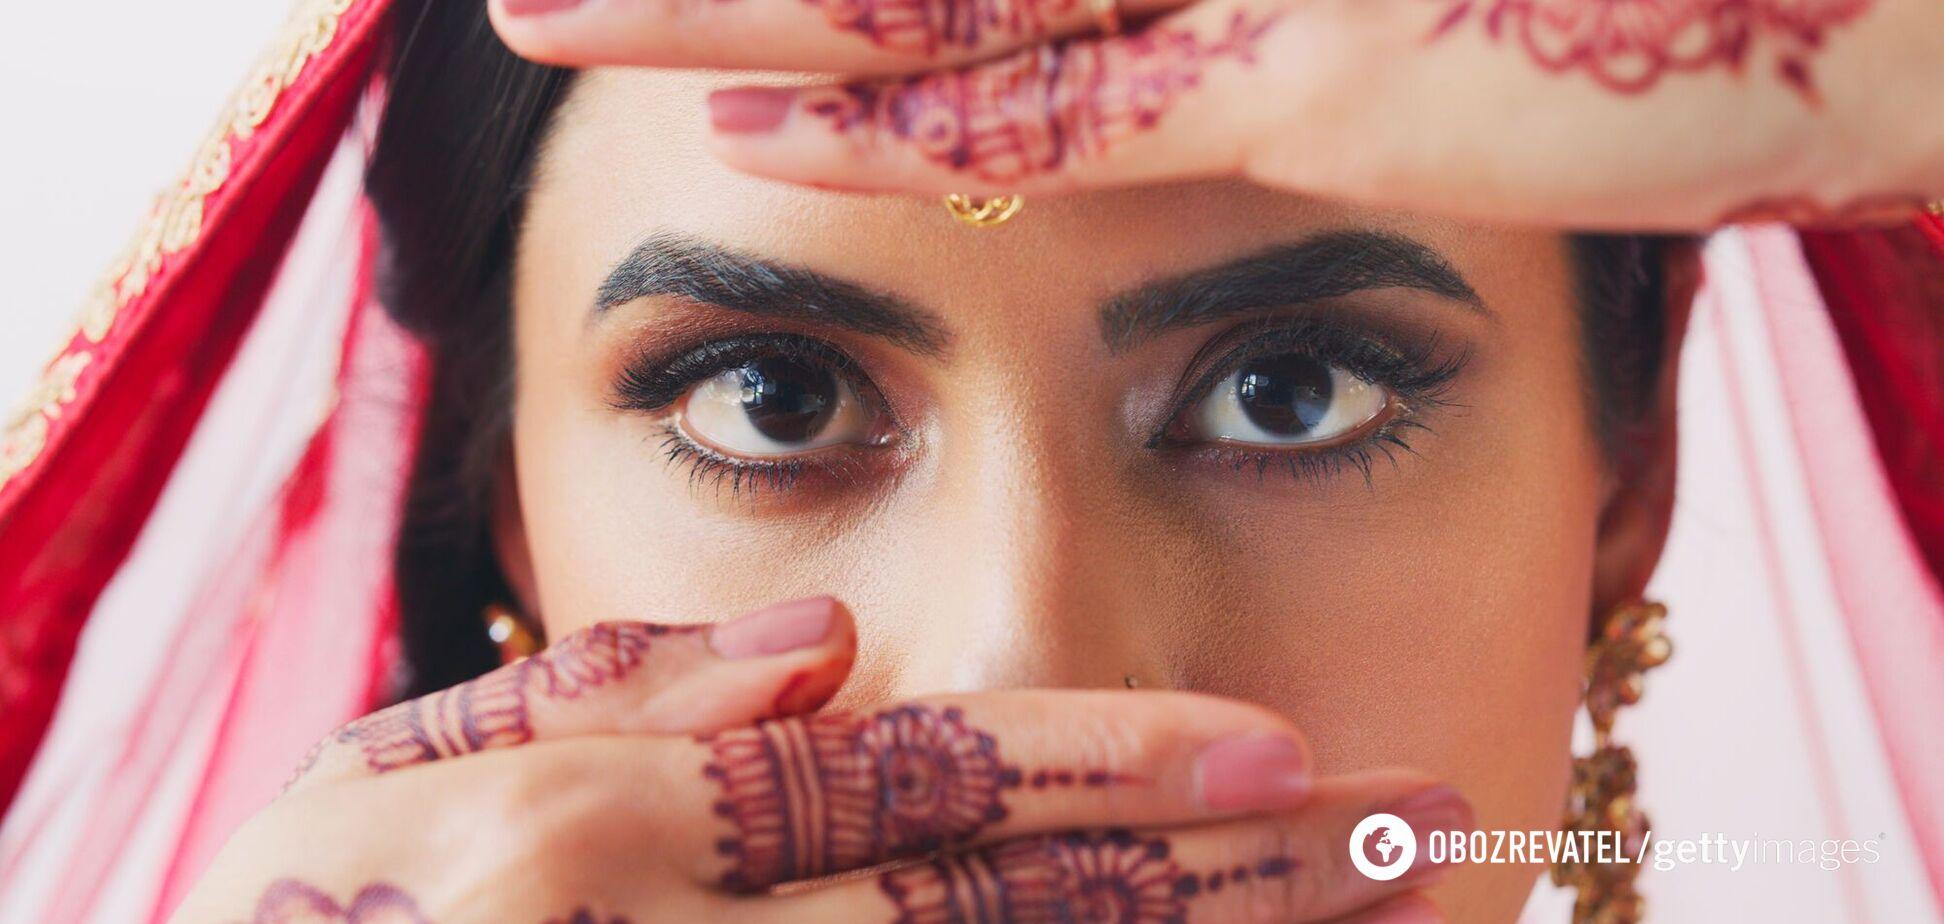 В Индии устроили масштабную распродажу женщин в интернете: разгорелся скандал